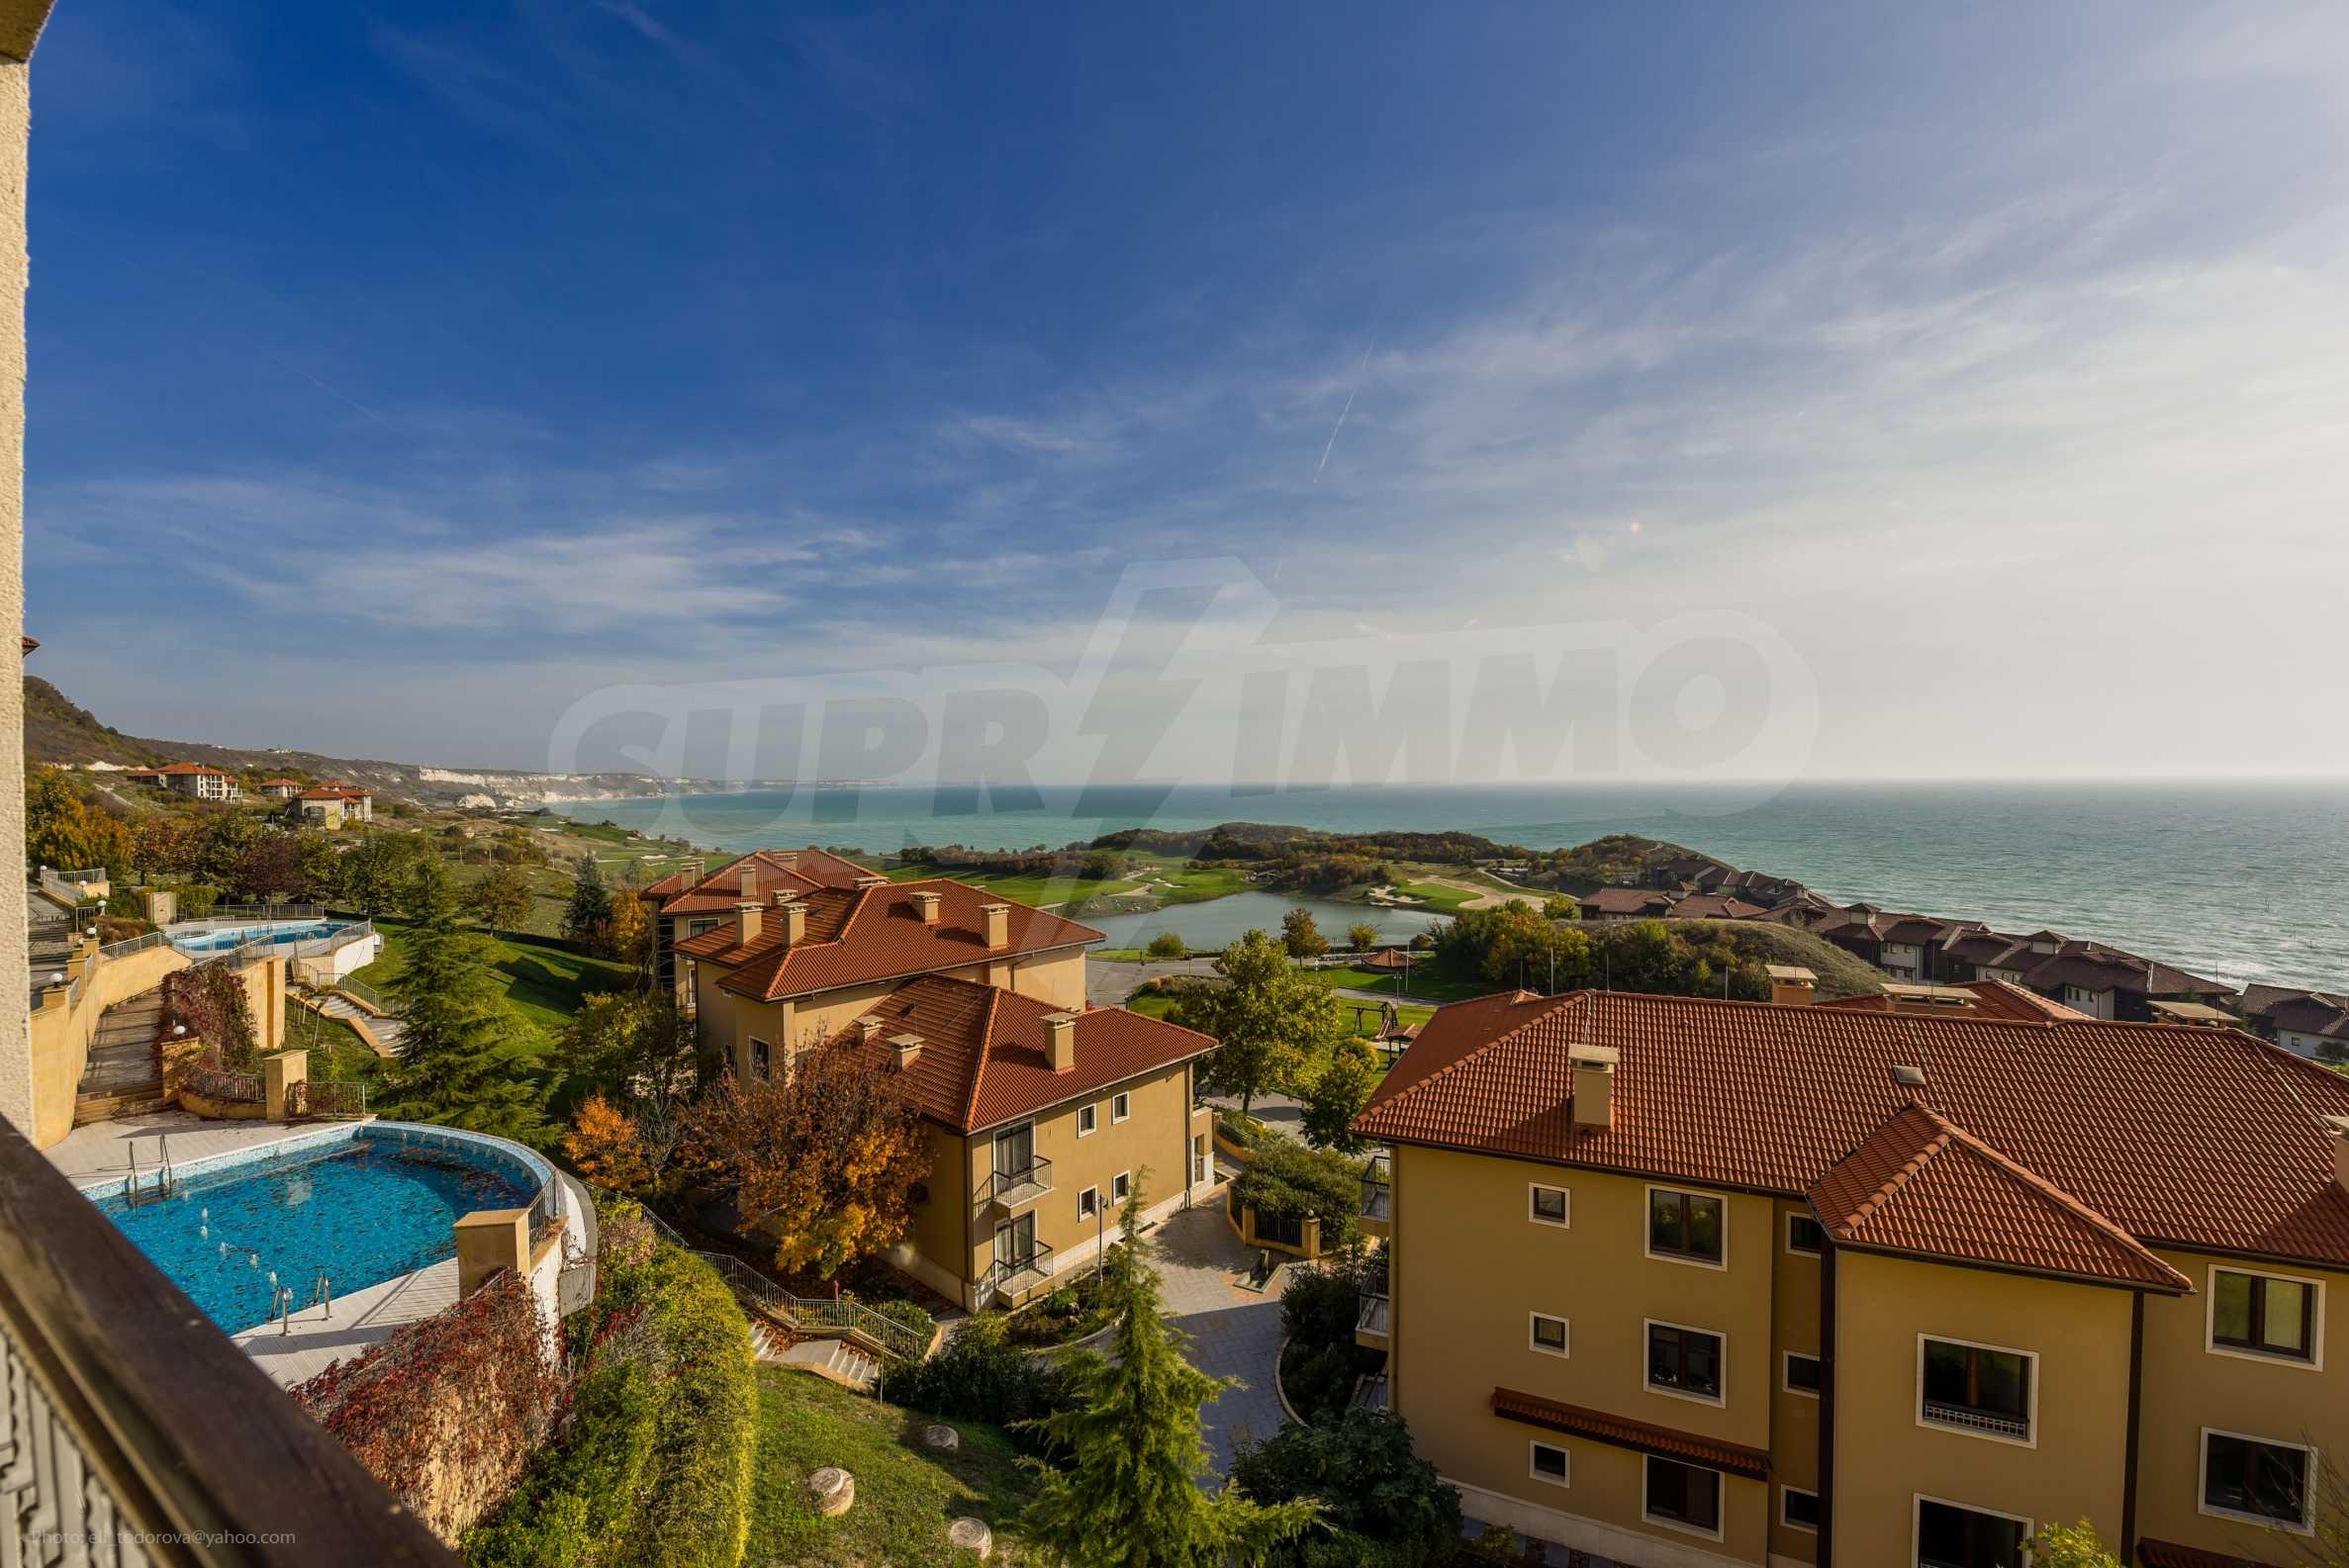 Thracian Cliffs Golf & Beach Resort - гольф-курорт мирового класса 2